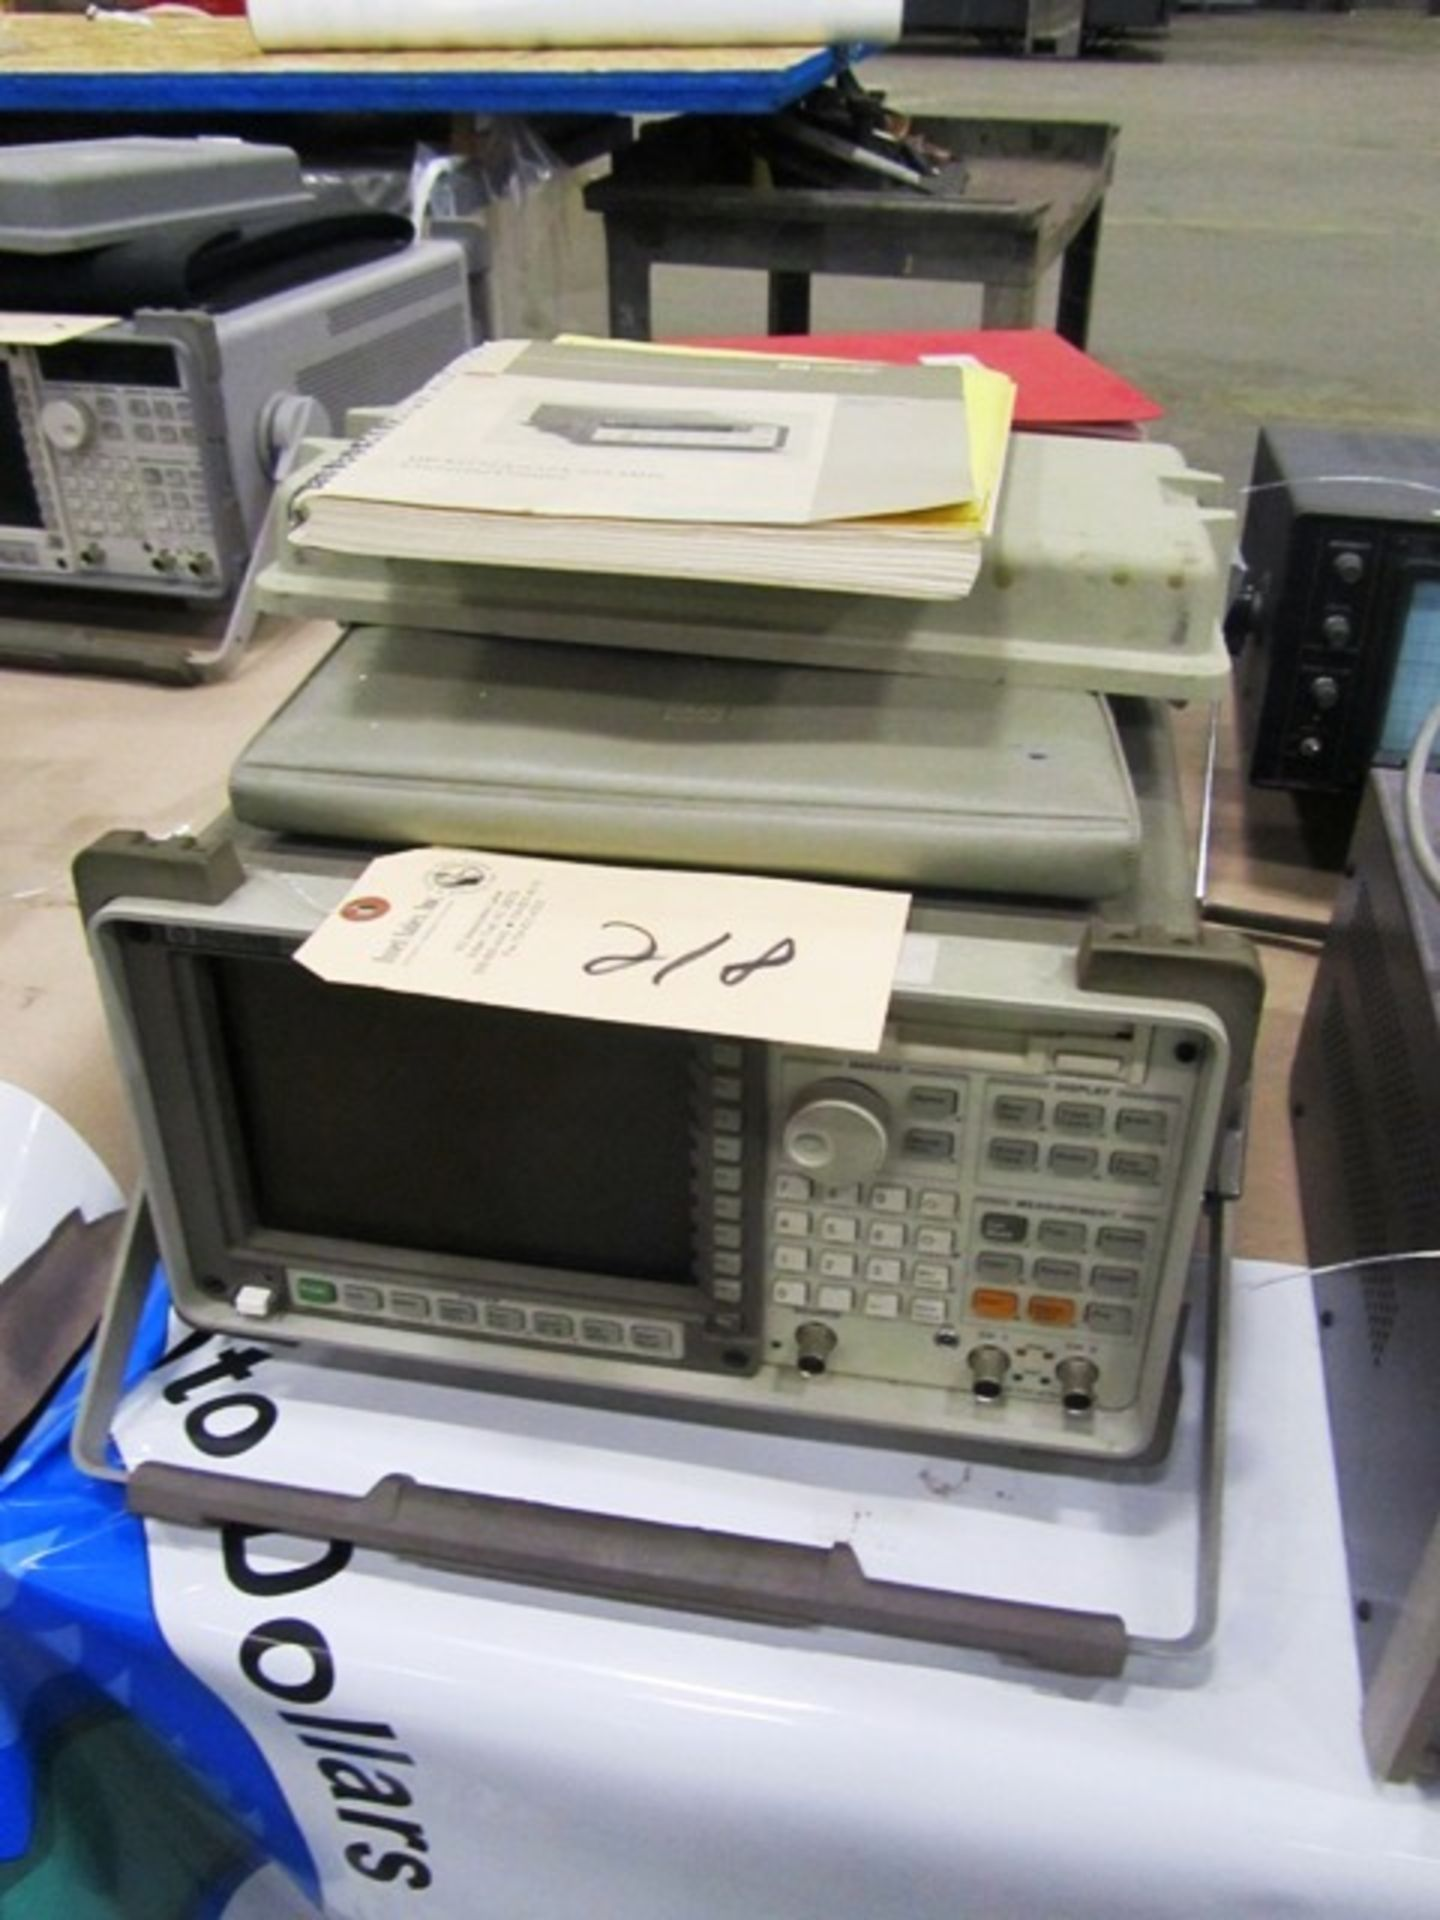 Hewlett Packard 35670A Dynamic Signal Analyzer